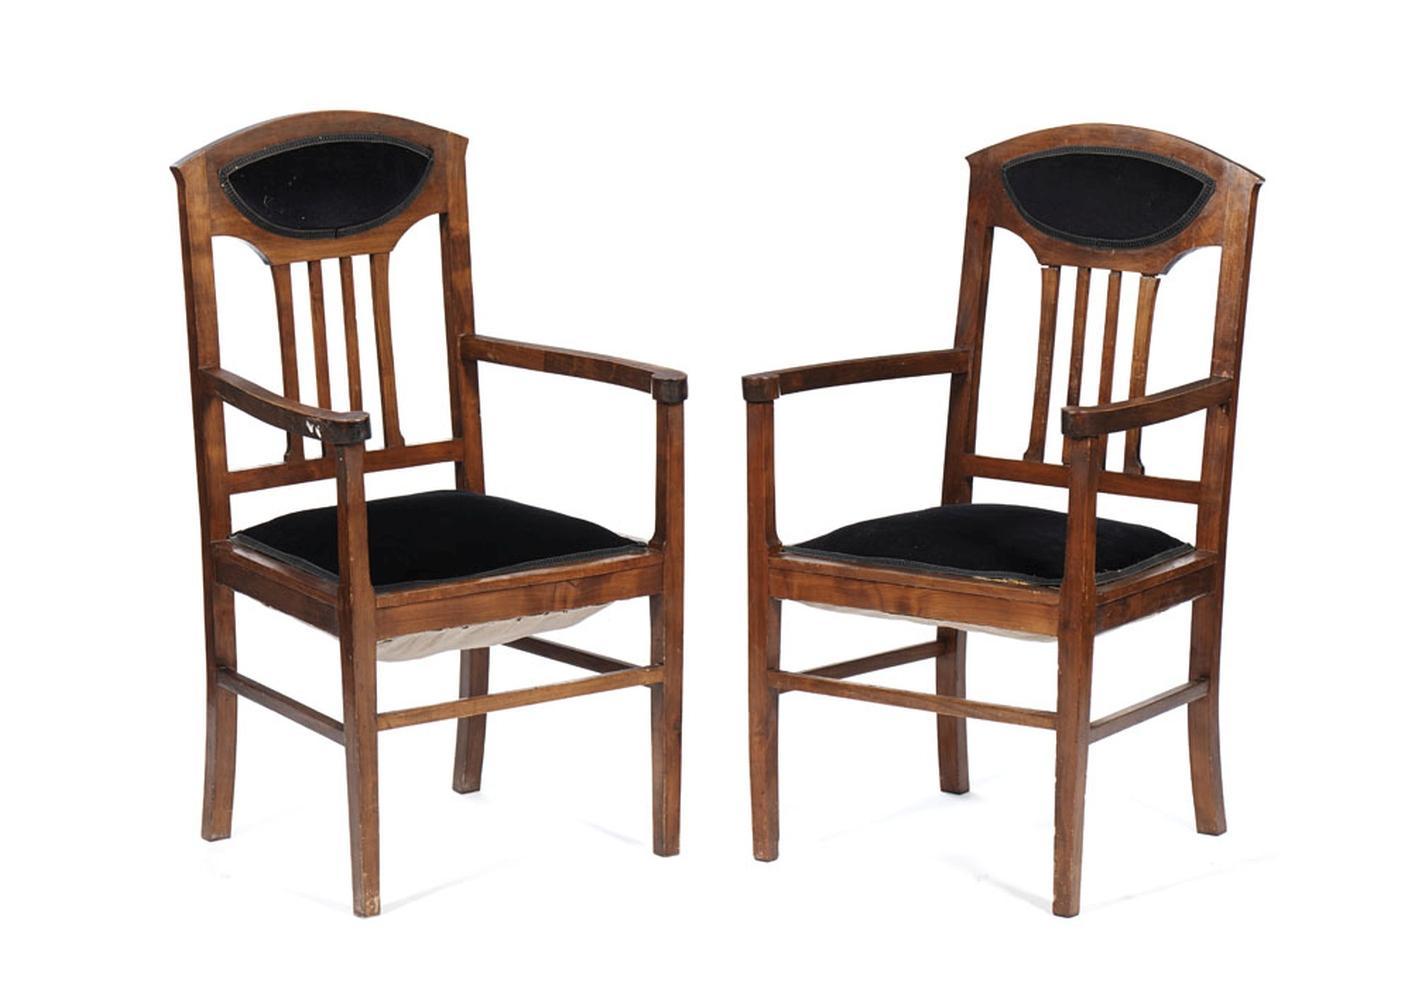 Conjunto de oito cadeiras modelo Art Deco